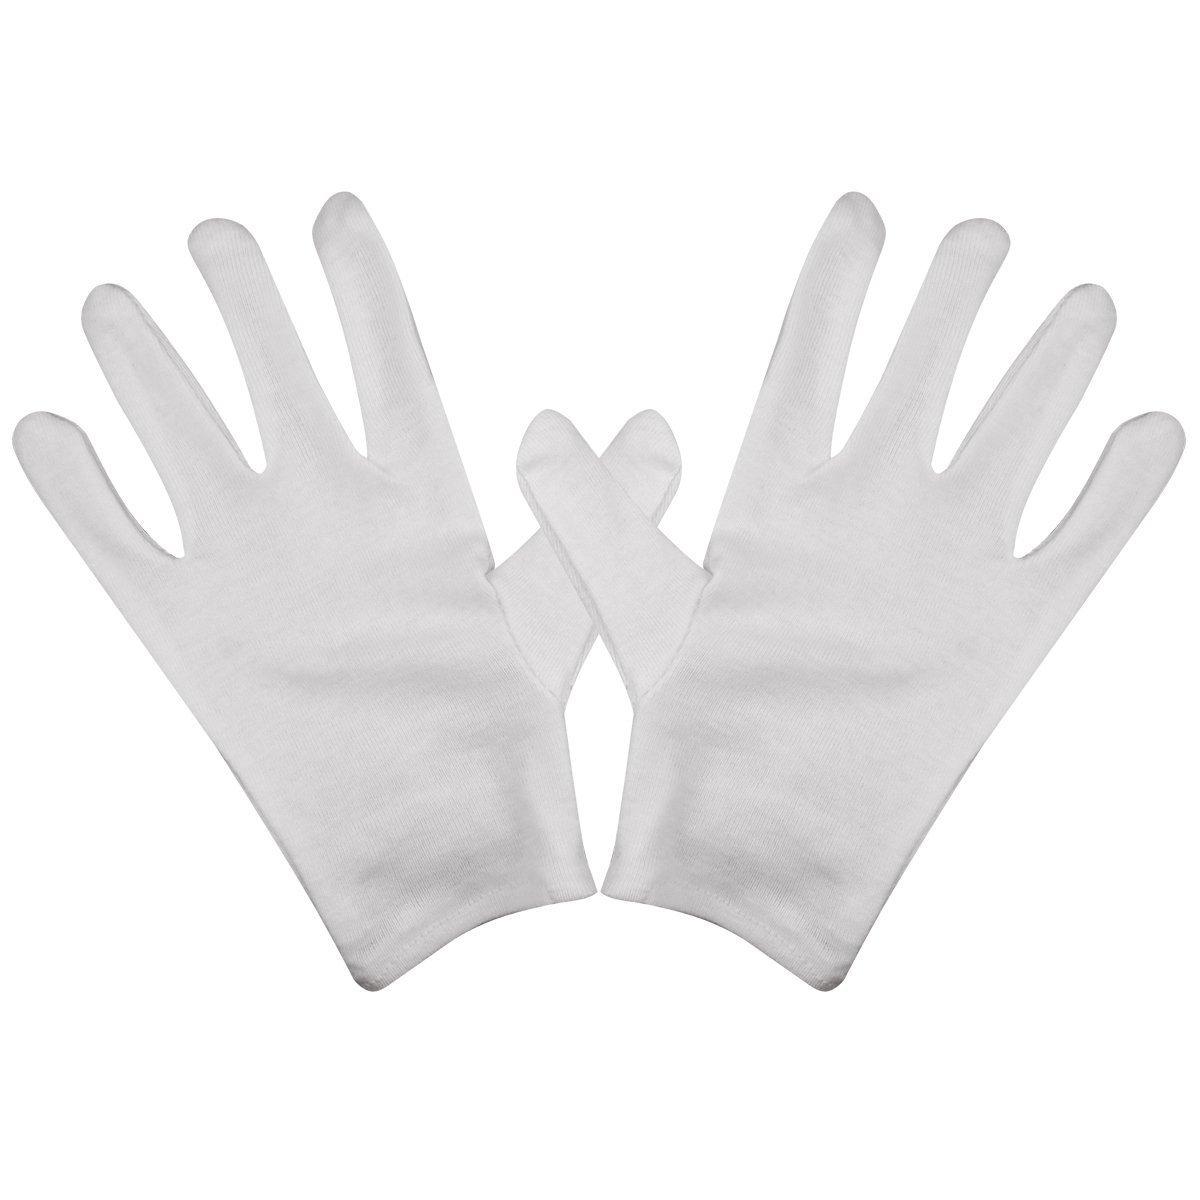 BLUECELL White Cotton Gloves Pack-8 Gloves, film, coins, CD/DVD, Handling Gloves